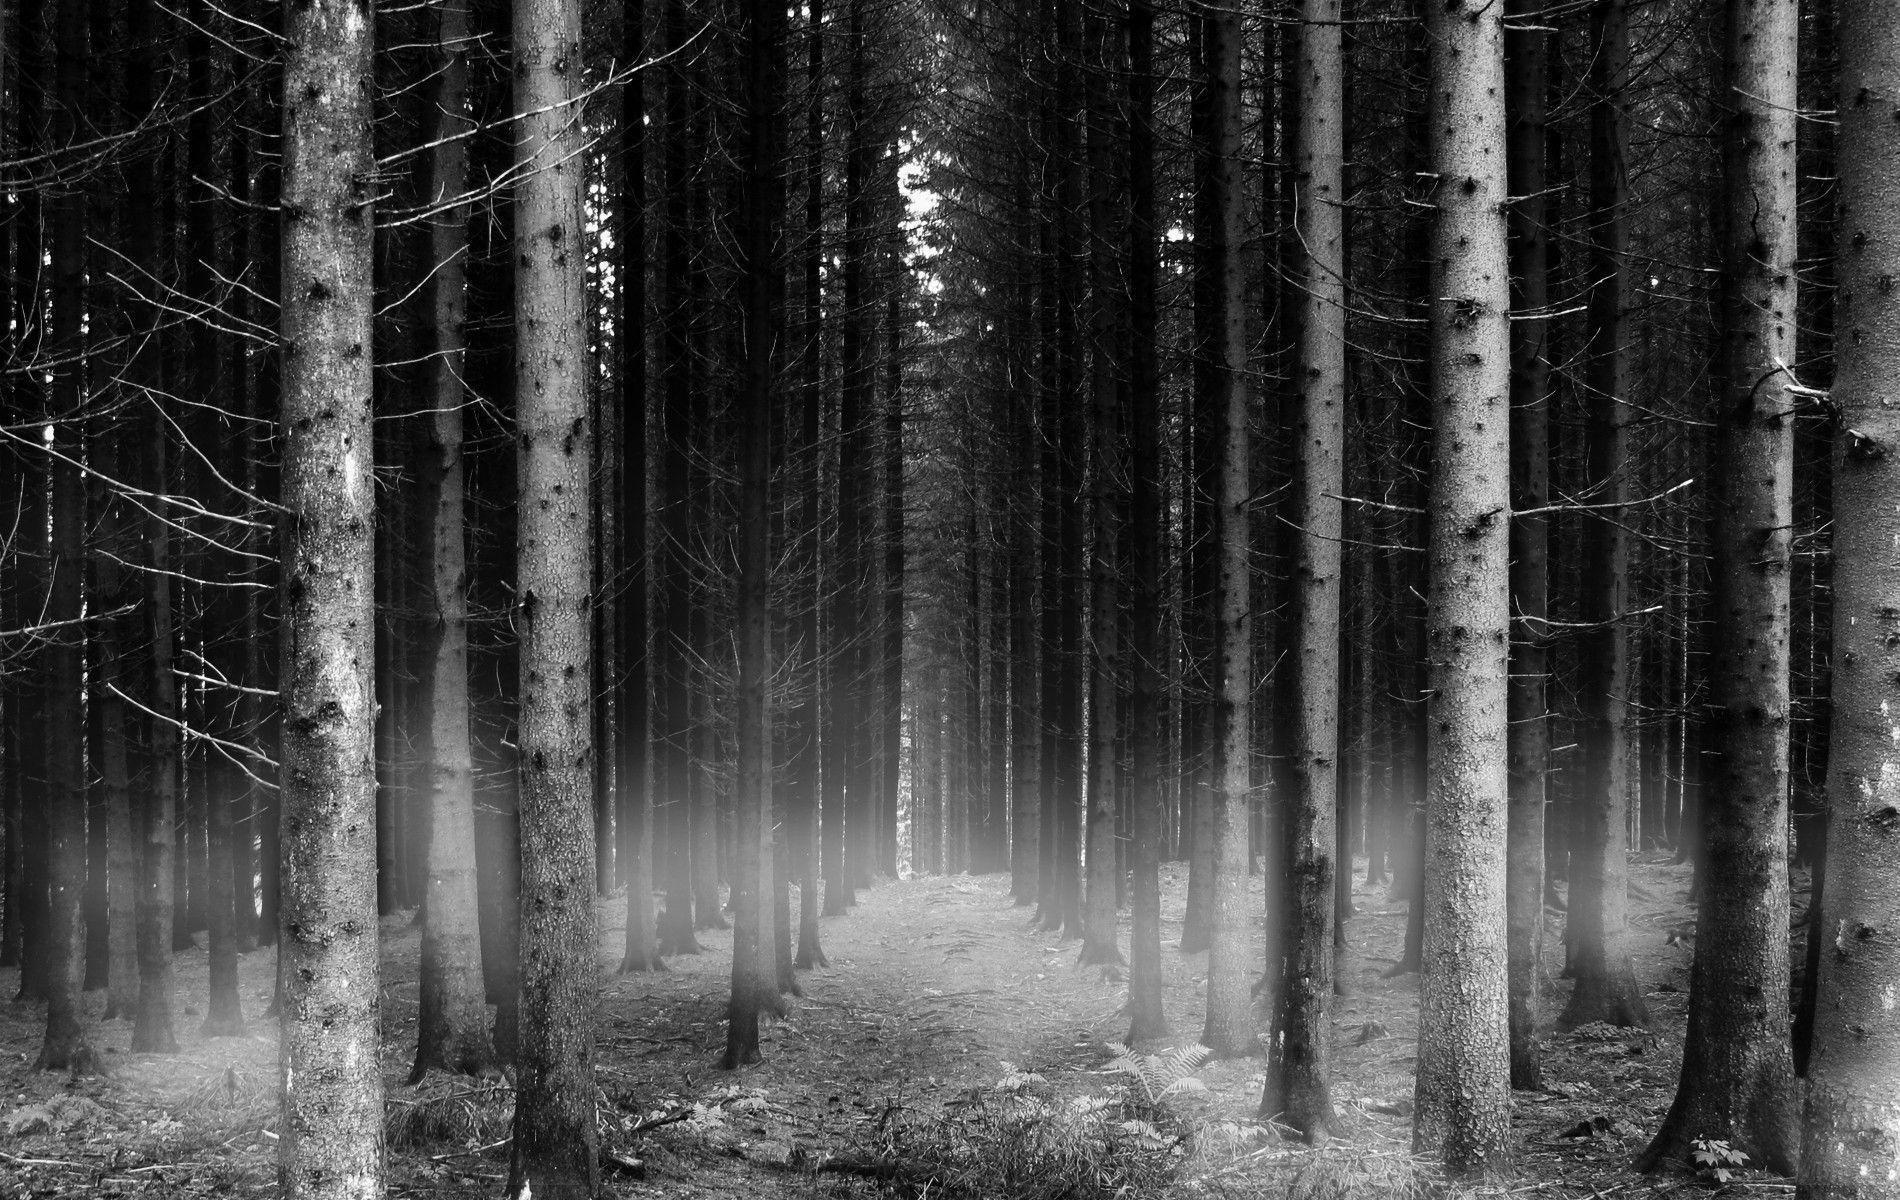 dark forest widescreen wallpaper - photo #25